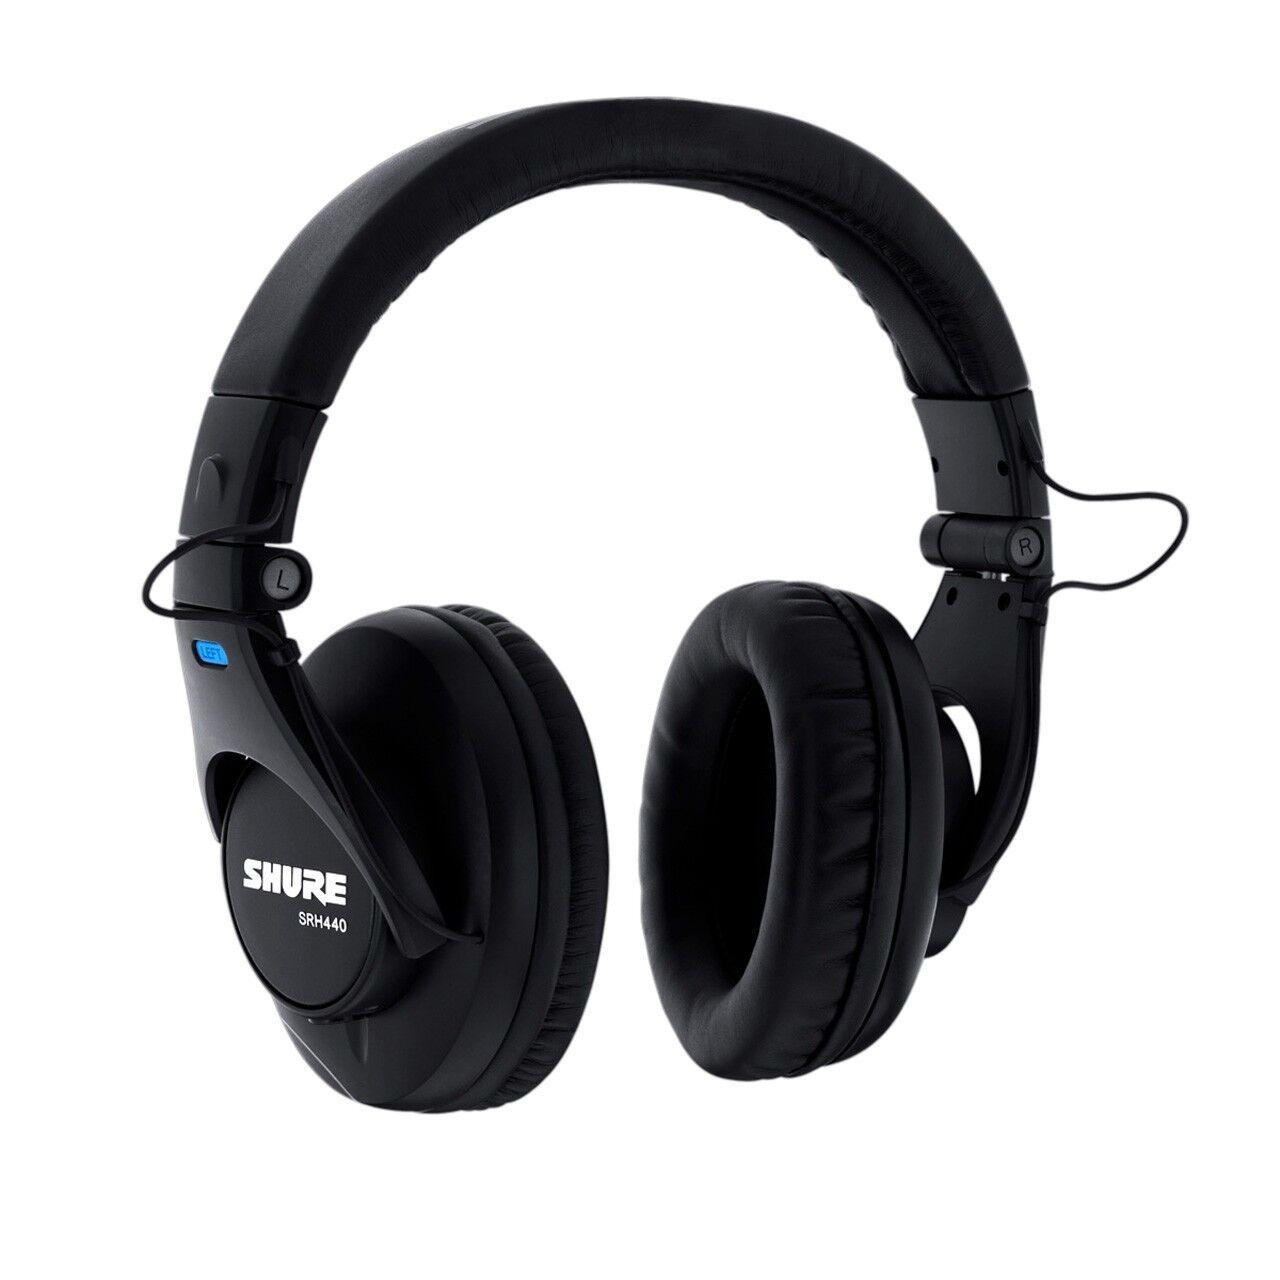 Shure SRH440 Headphones for Studio Live Monitoring